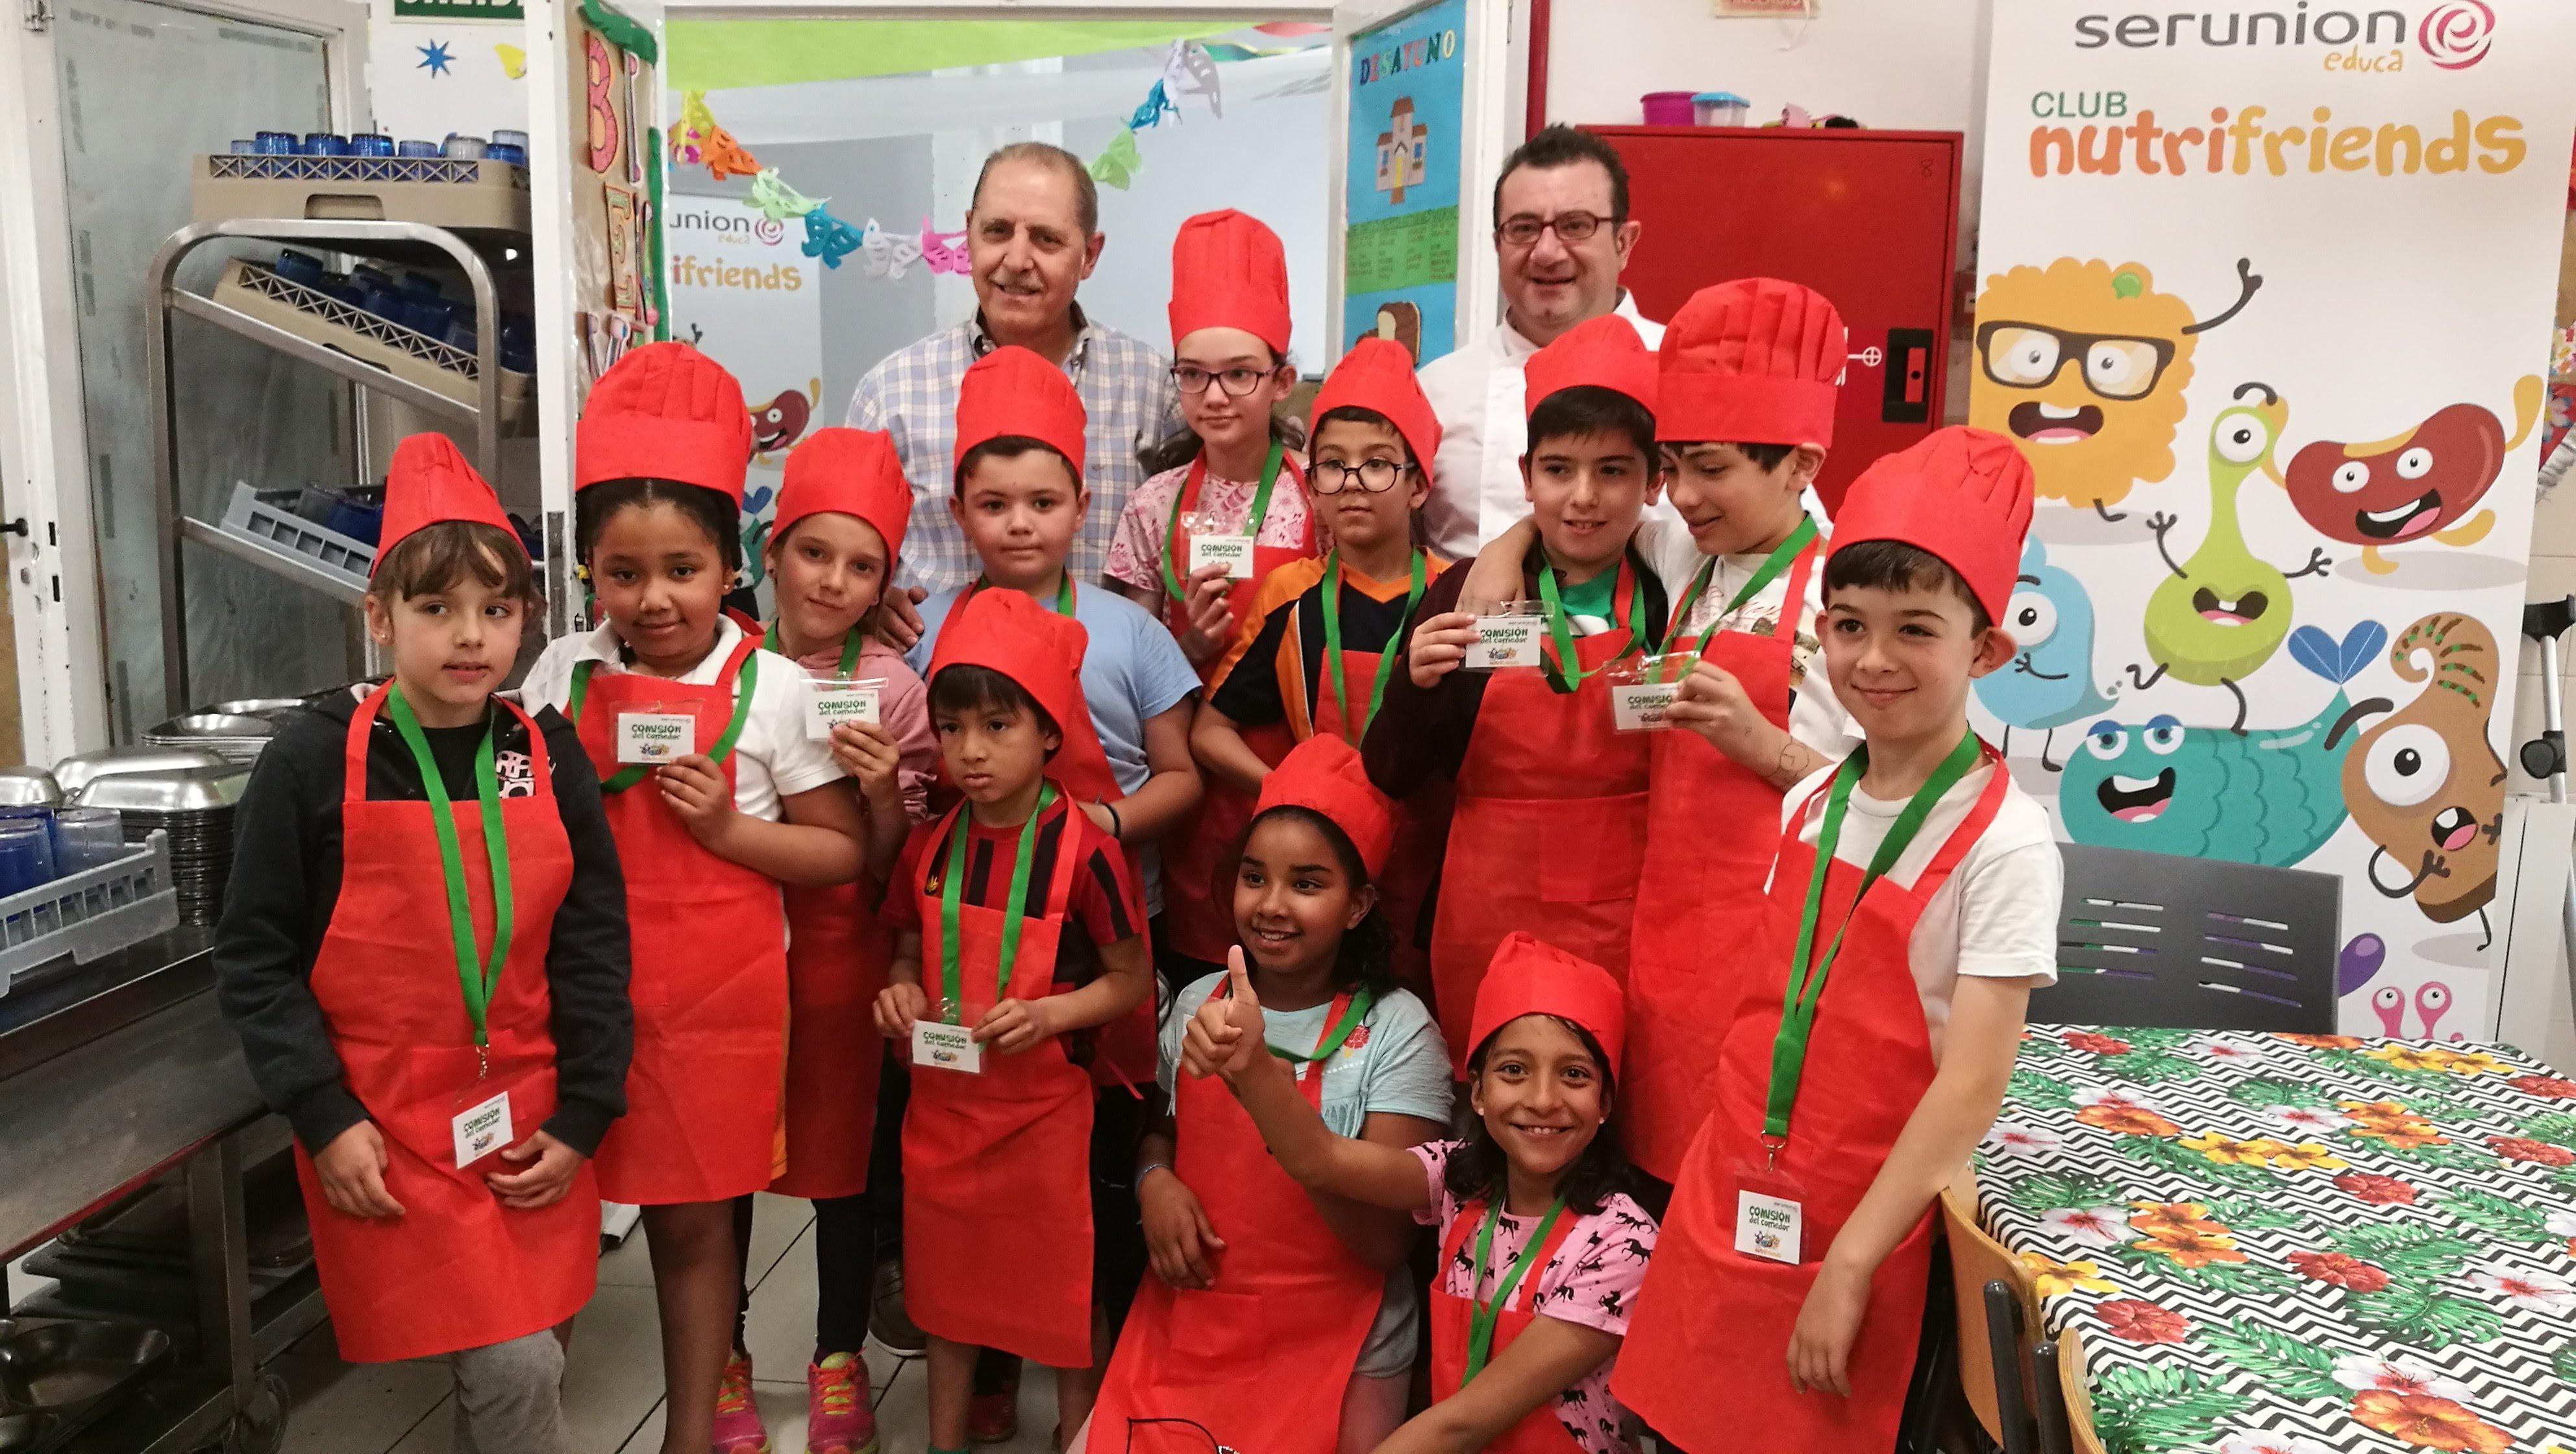 Visita del chef Sergio Fernández - Nutrifriends en el Comedor 7